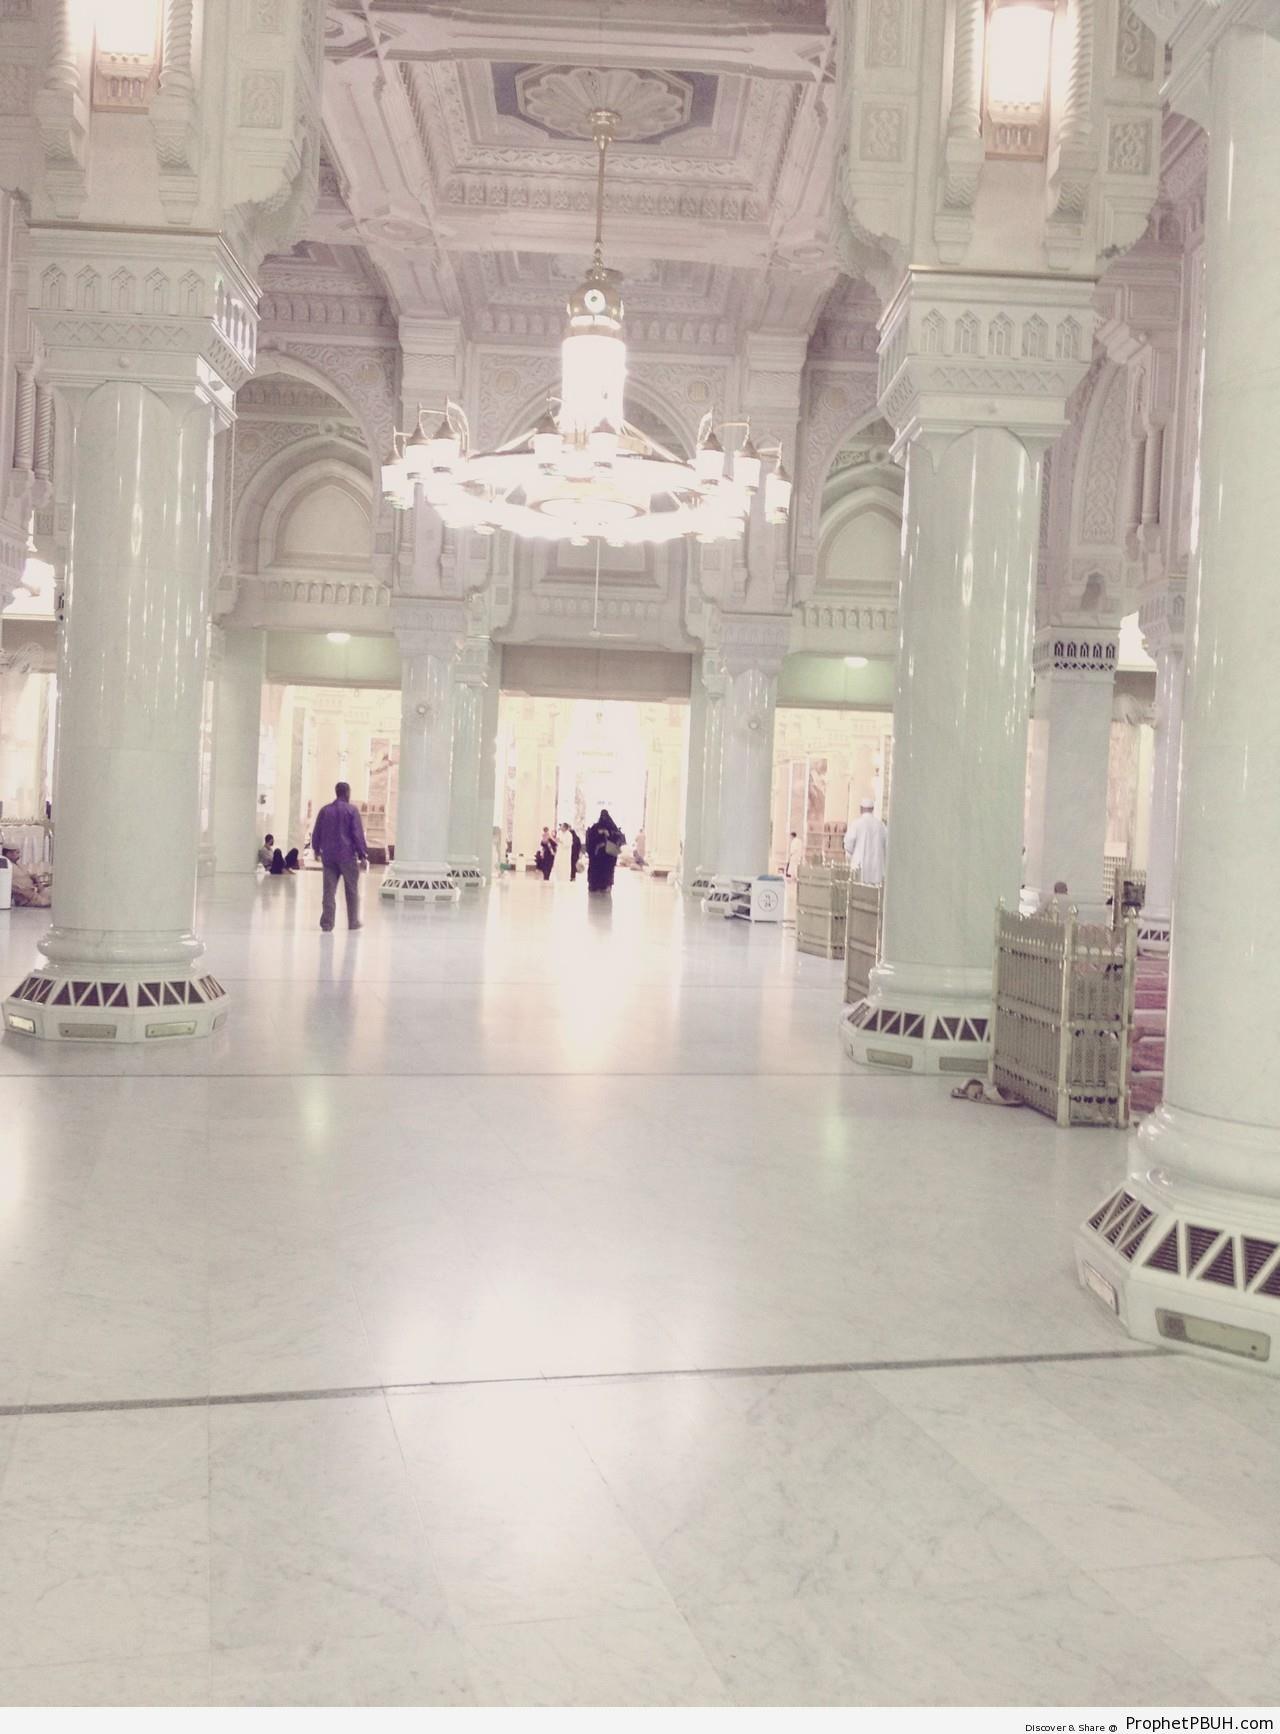 Inside Masjid al-Haram - al-Masjid al-Haram in Makkah, Saudi Arabia -004